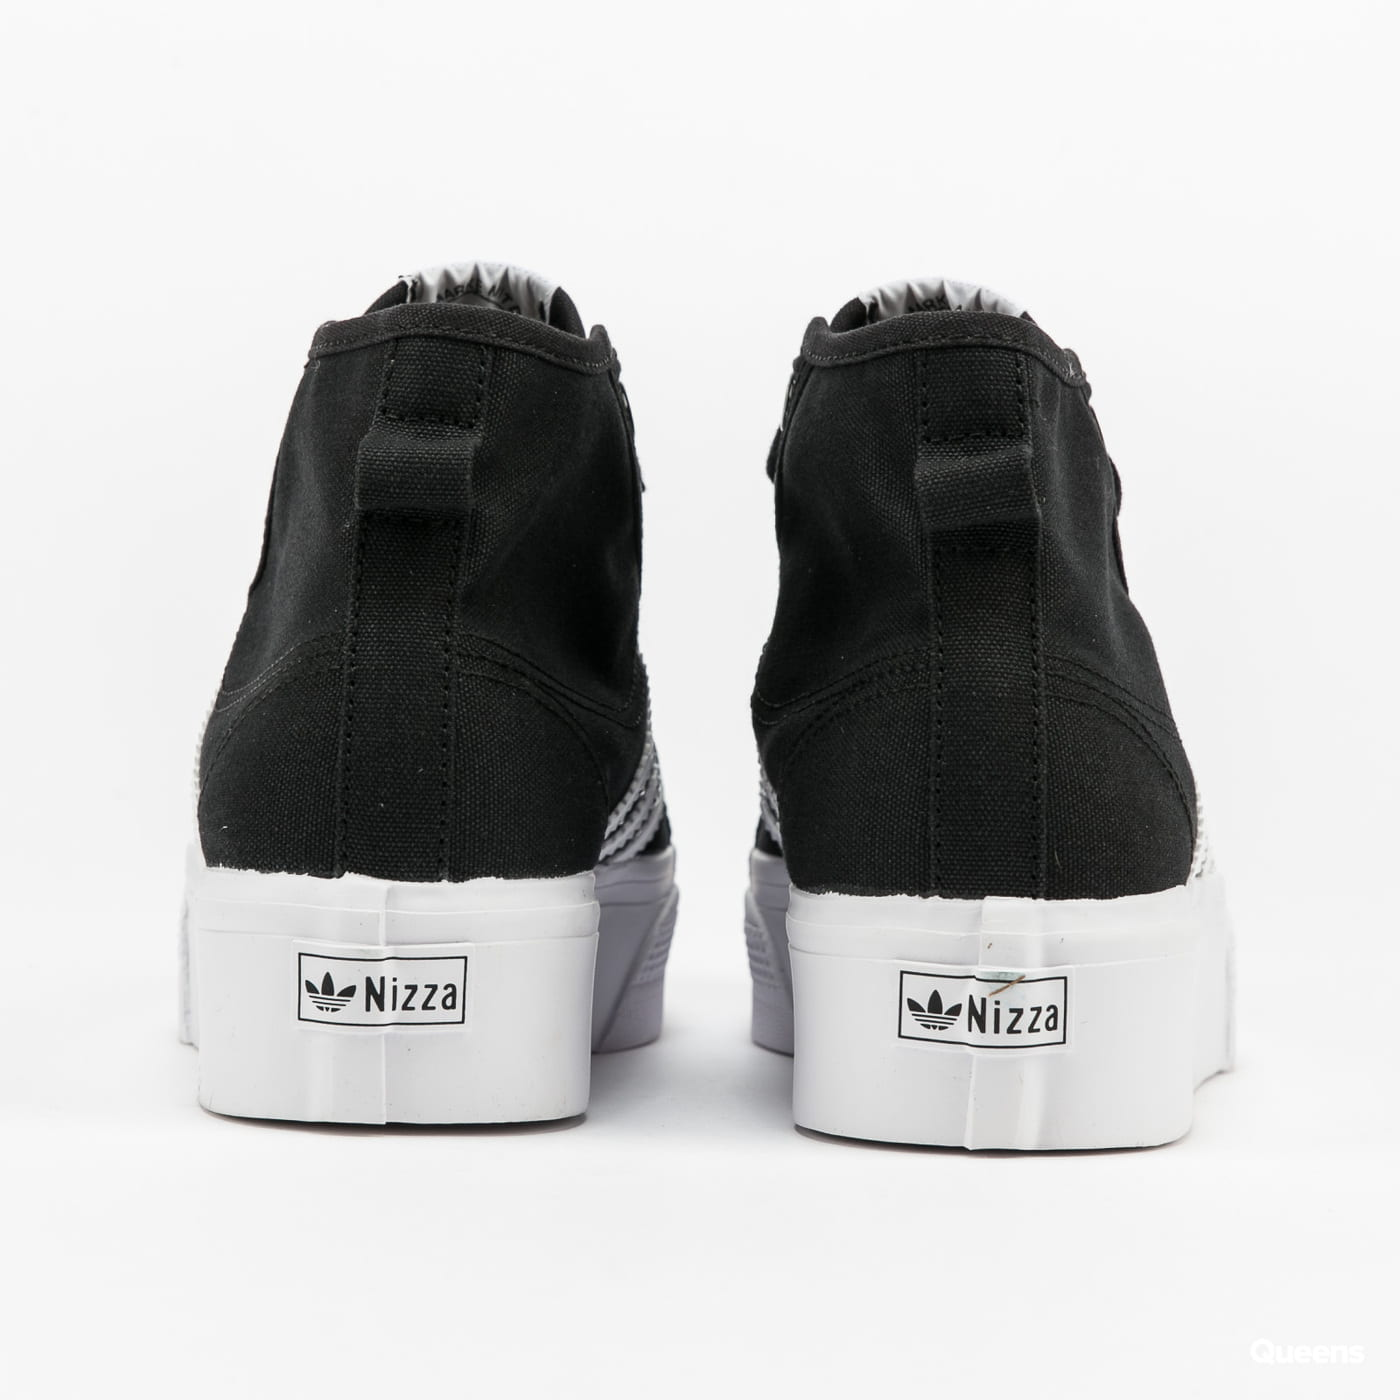 adidas Originals Nizza Platform Mid W clback / ftwwht / ftwwht